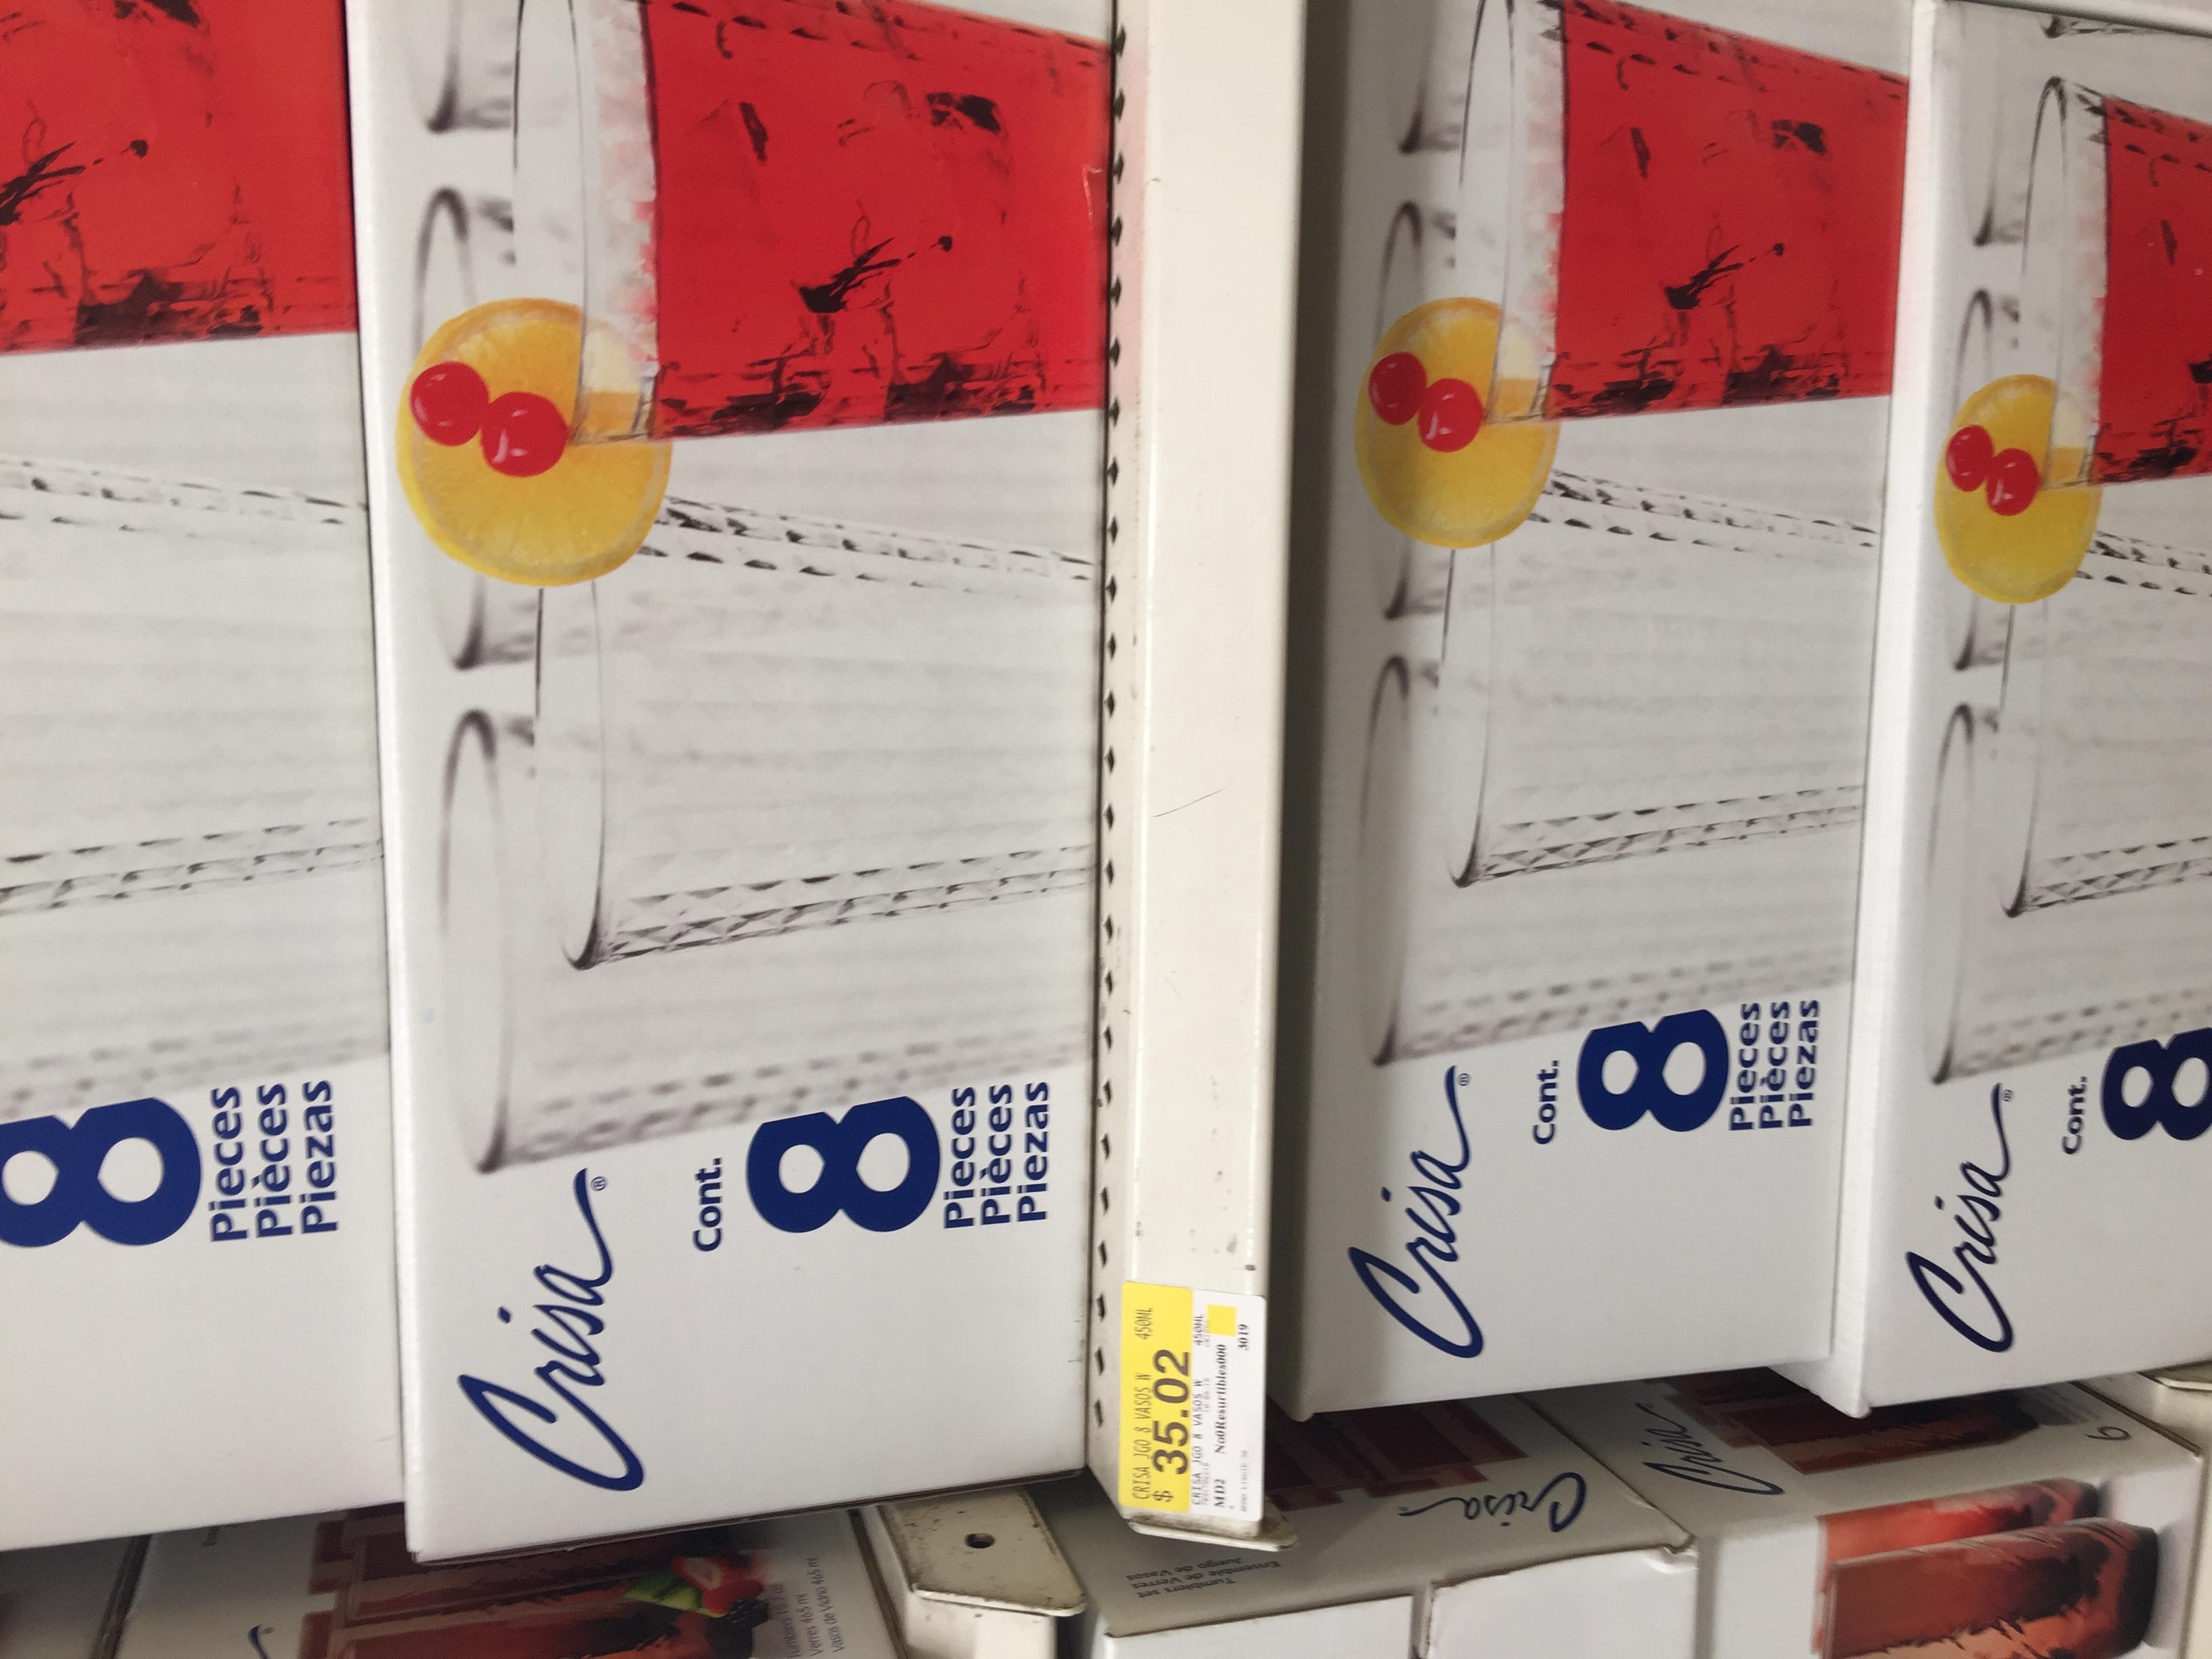 Bodega Aurrerá: liquidación de 8 vasos Crisa a 35.02 pesos y más